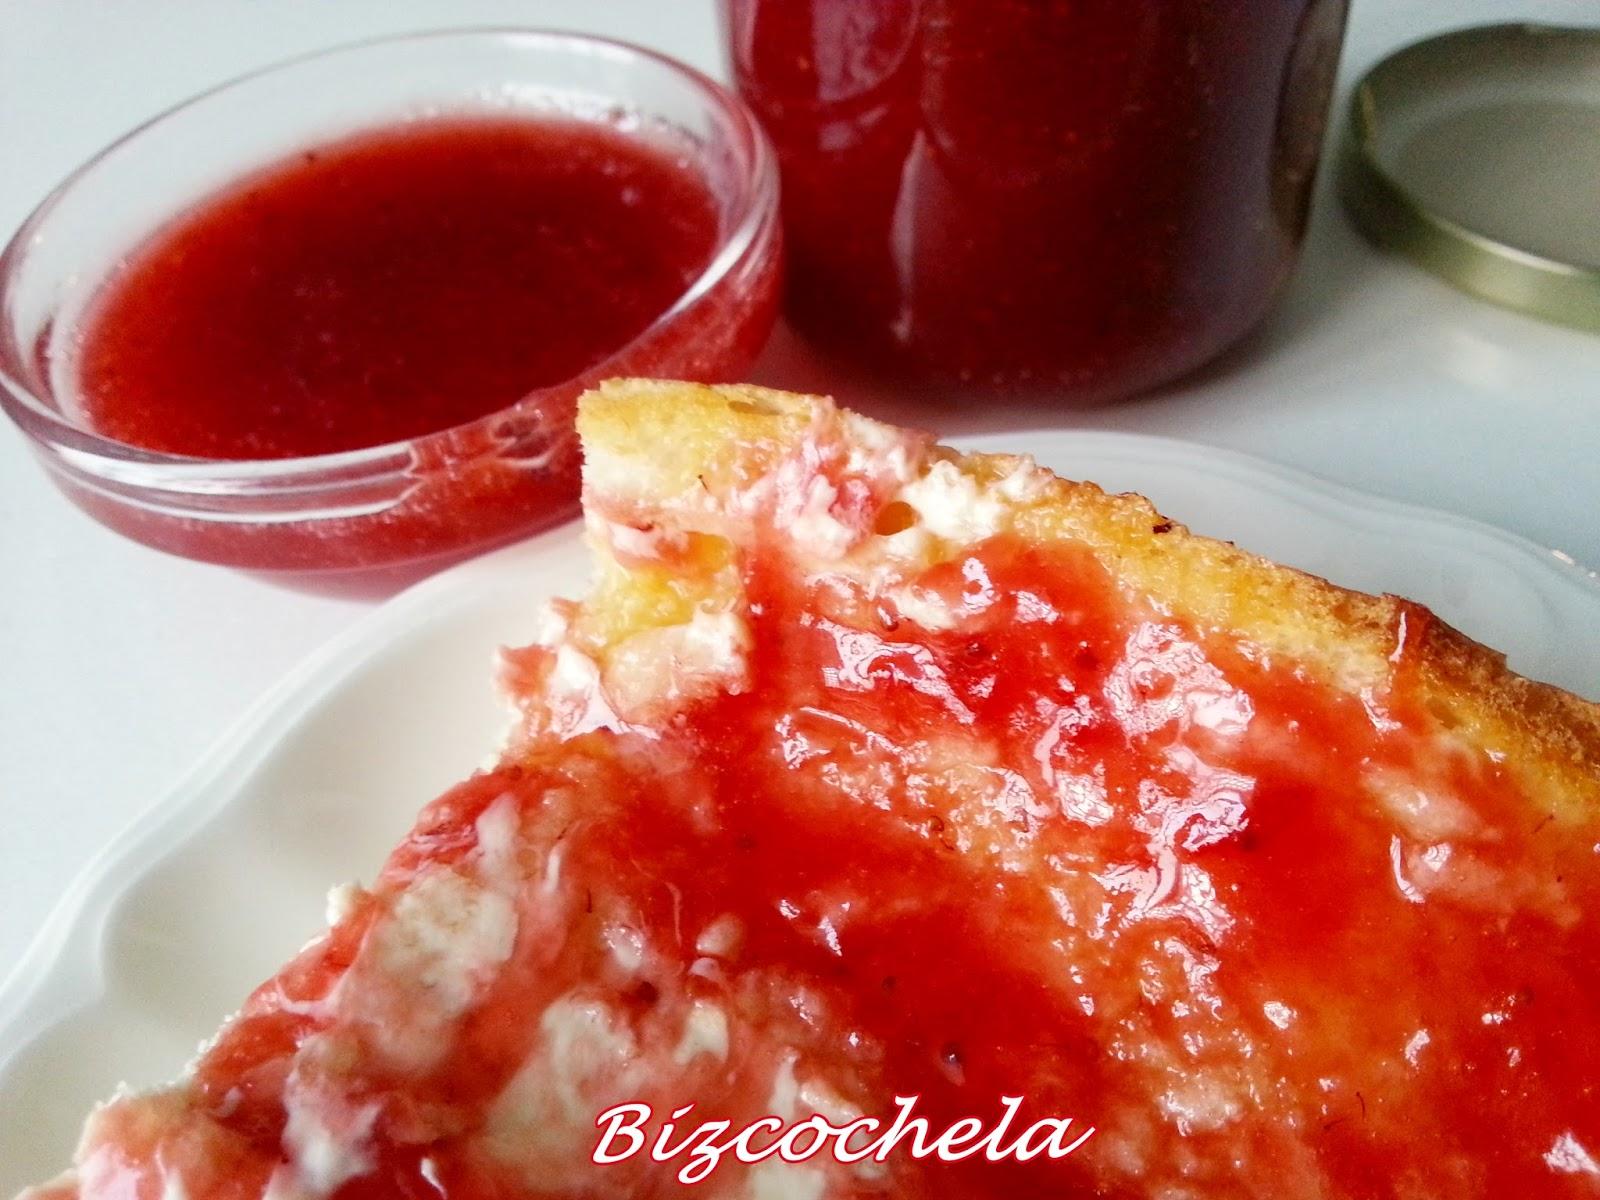 Recetas y a cocinar se ha dicho mermelada de fresa casera Cocinar con 5 ingredientes